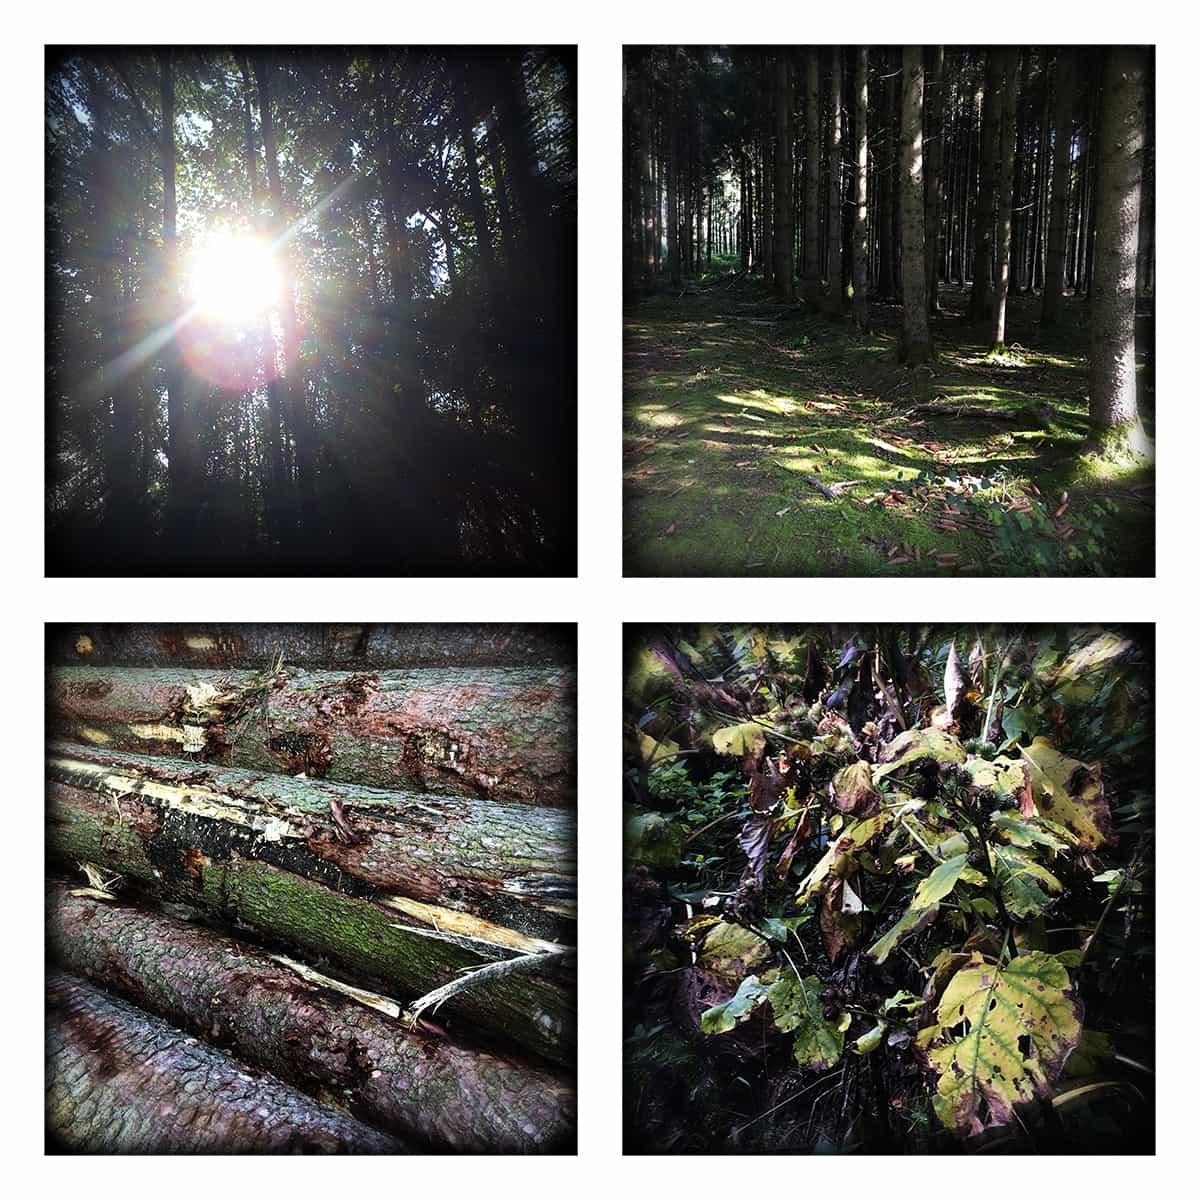 MAGIC FOREST XLIII